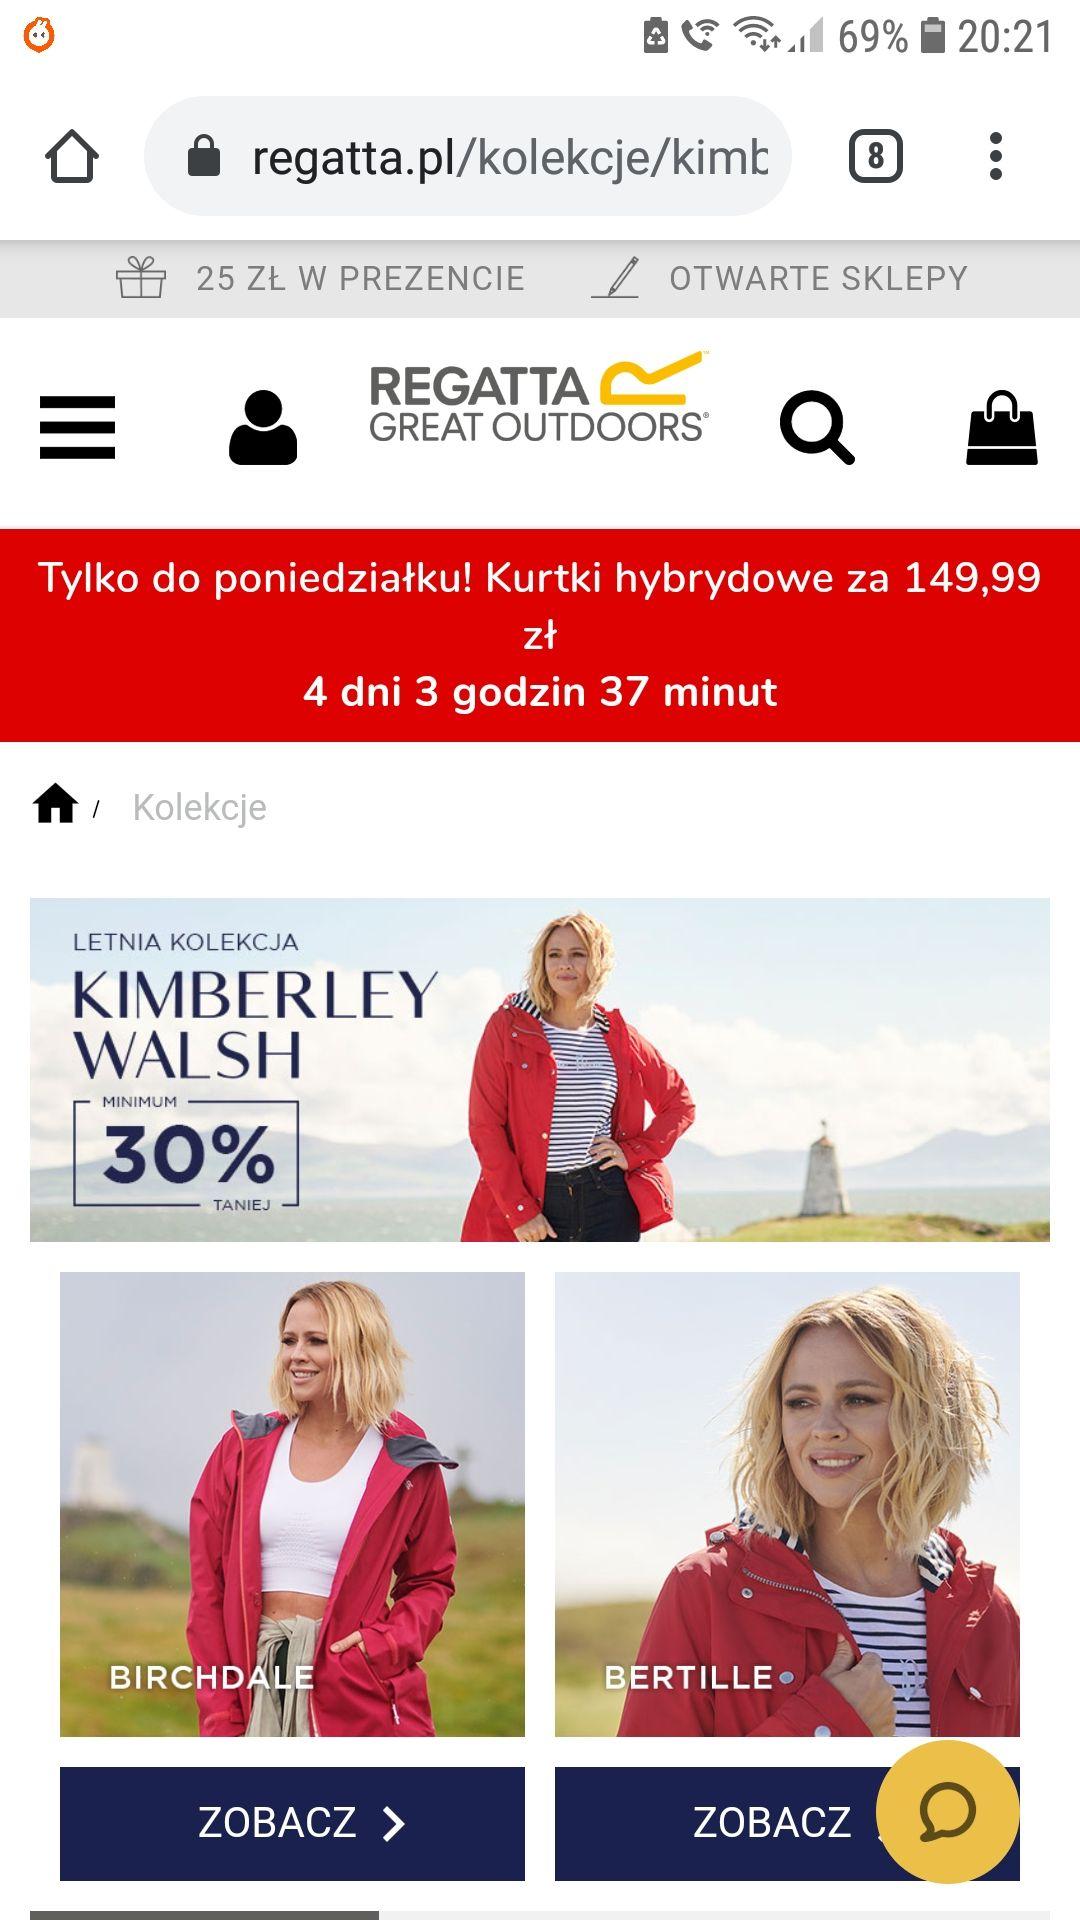 """Letnia Kolekcja """"Kimberley Walsh"""" od firmy """"Regata"""" minimum -30%"""